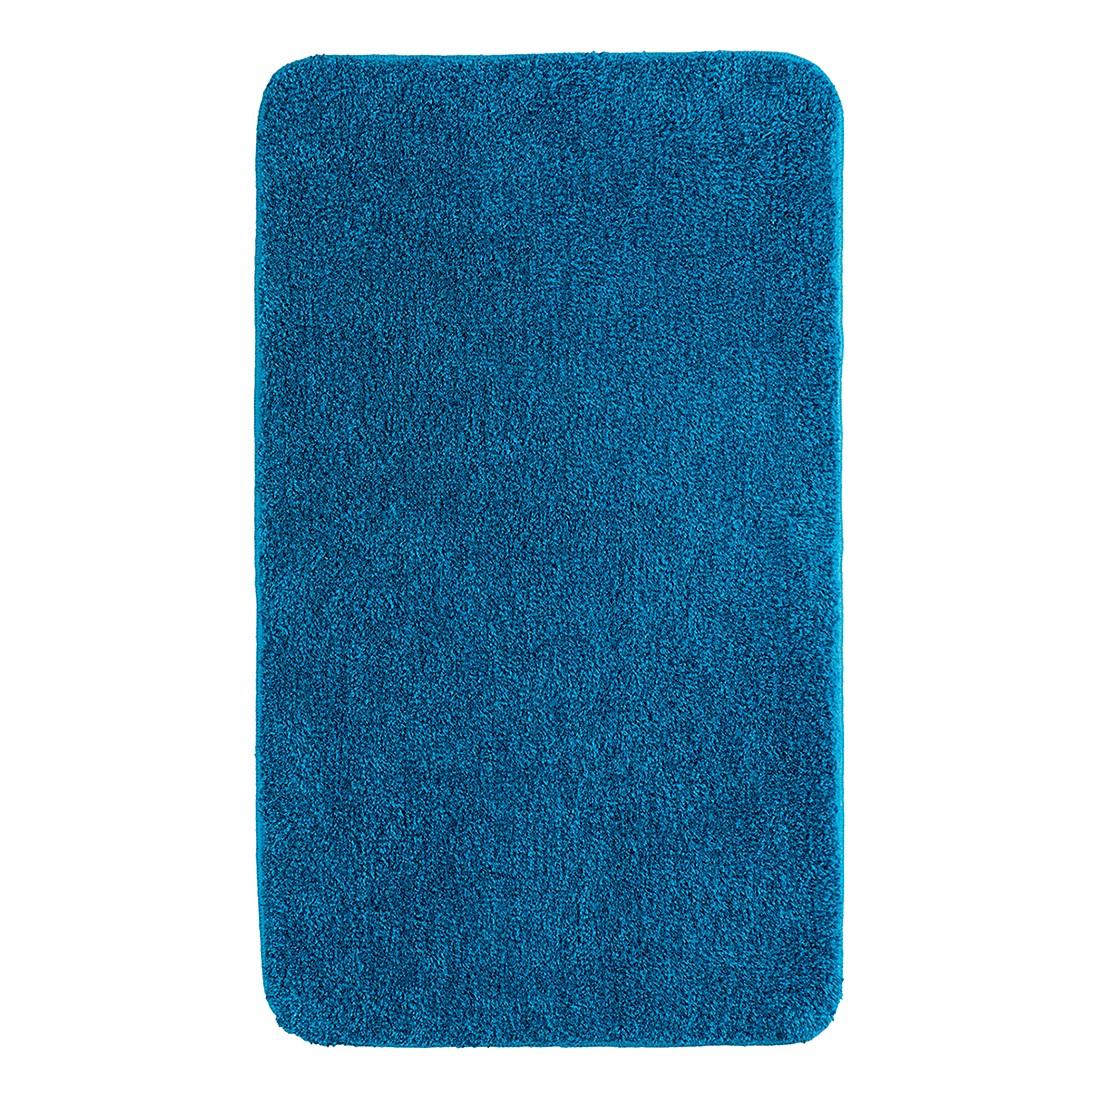 Badteppich Melos – Blau – Größe: 70 x 120 cm, Grund günstig kaufen